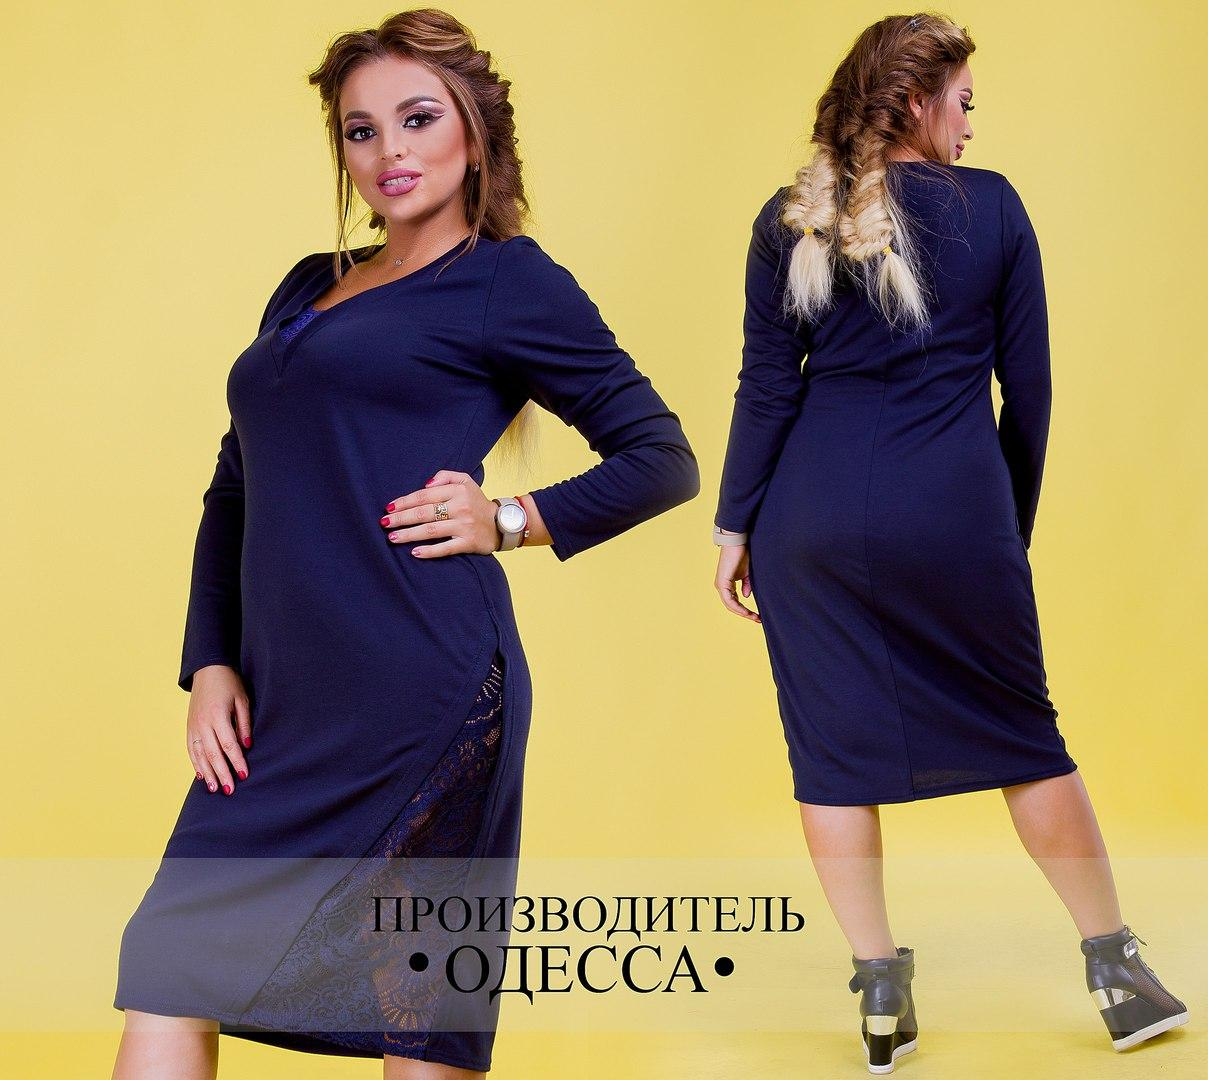 Платье с гипюром в расцветках 30376  Интернет-магазин модной женской одежды  оптом и в розницу . Самые низкие цены в Украине. платья женские от